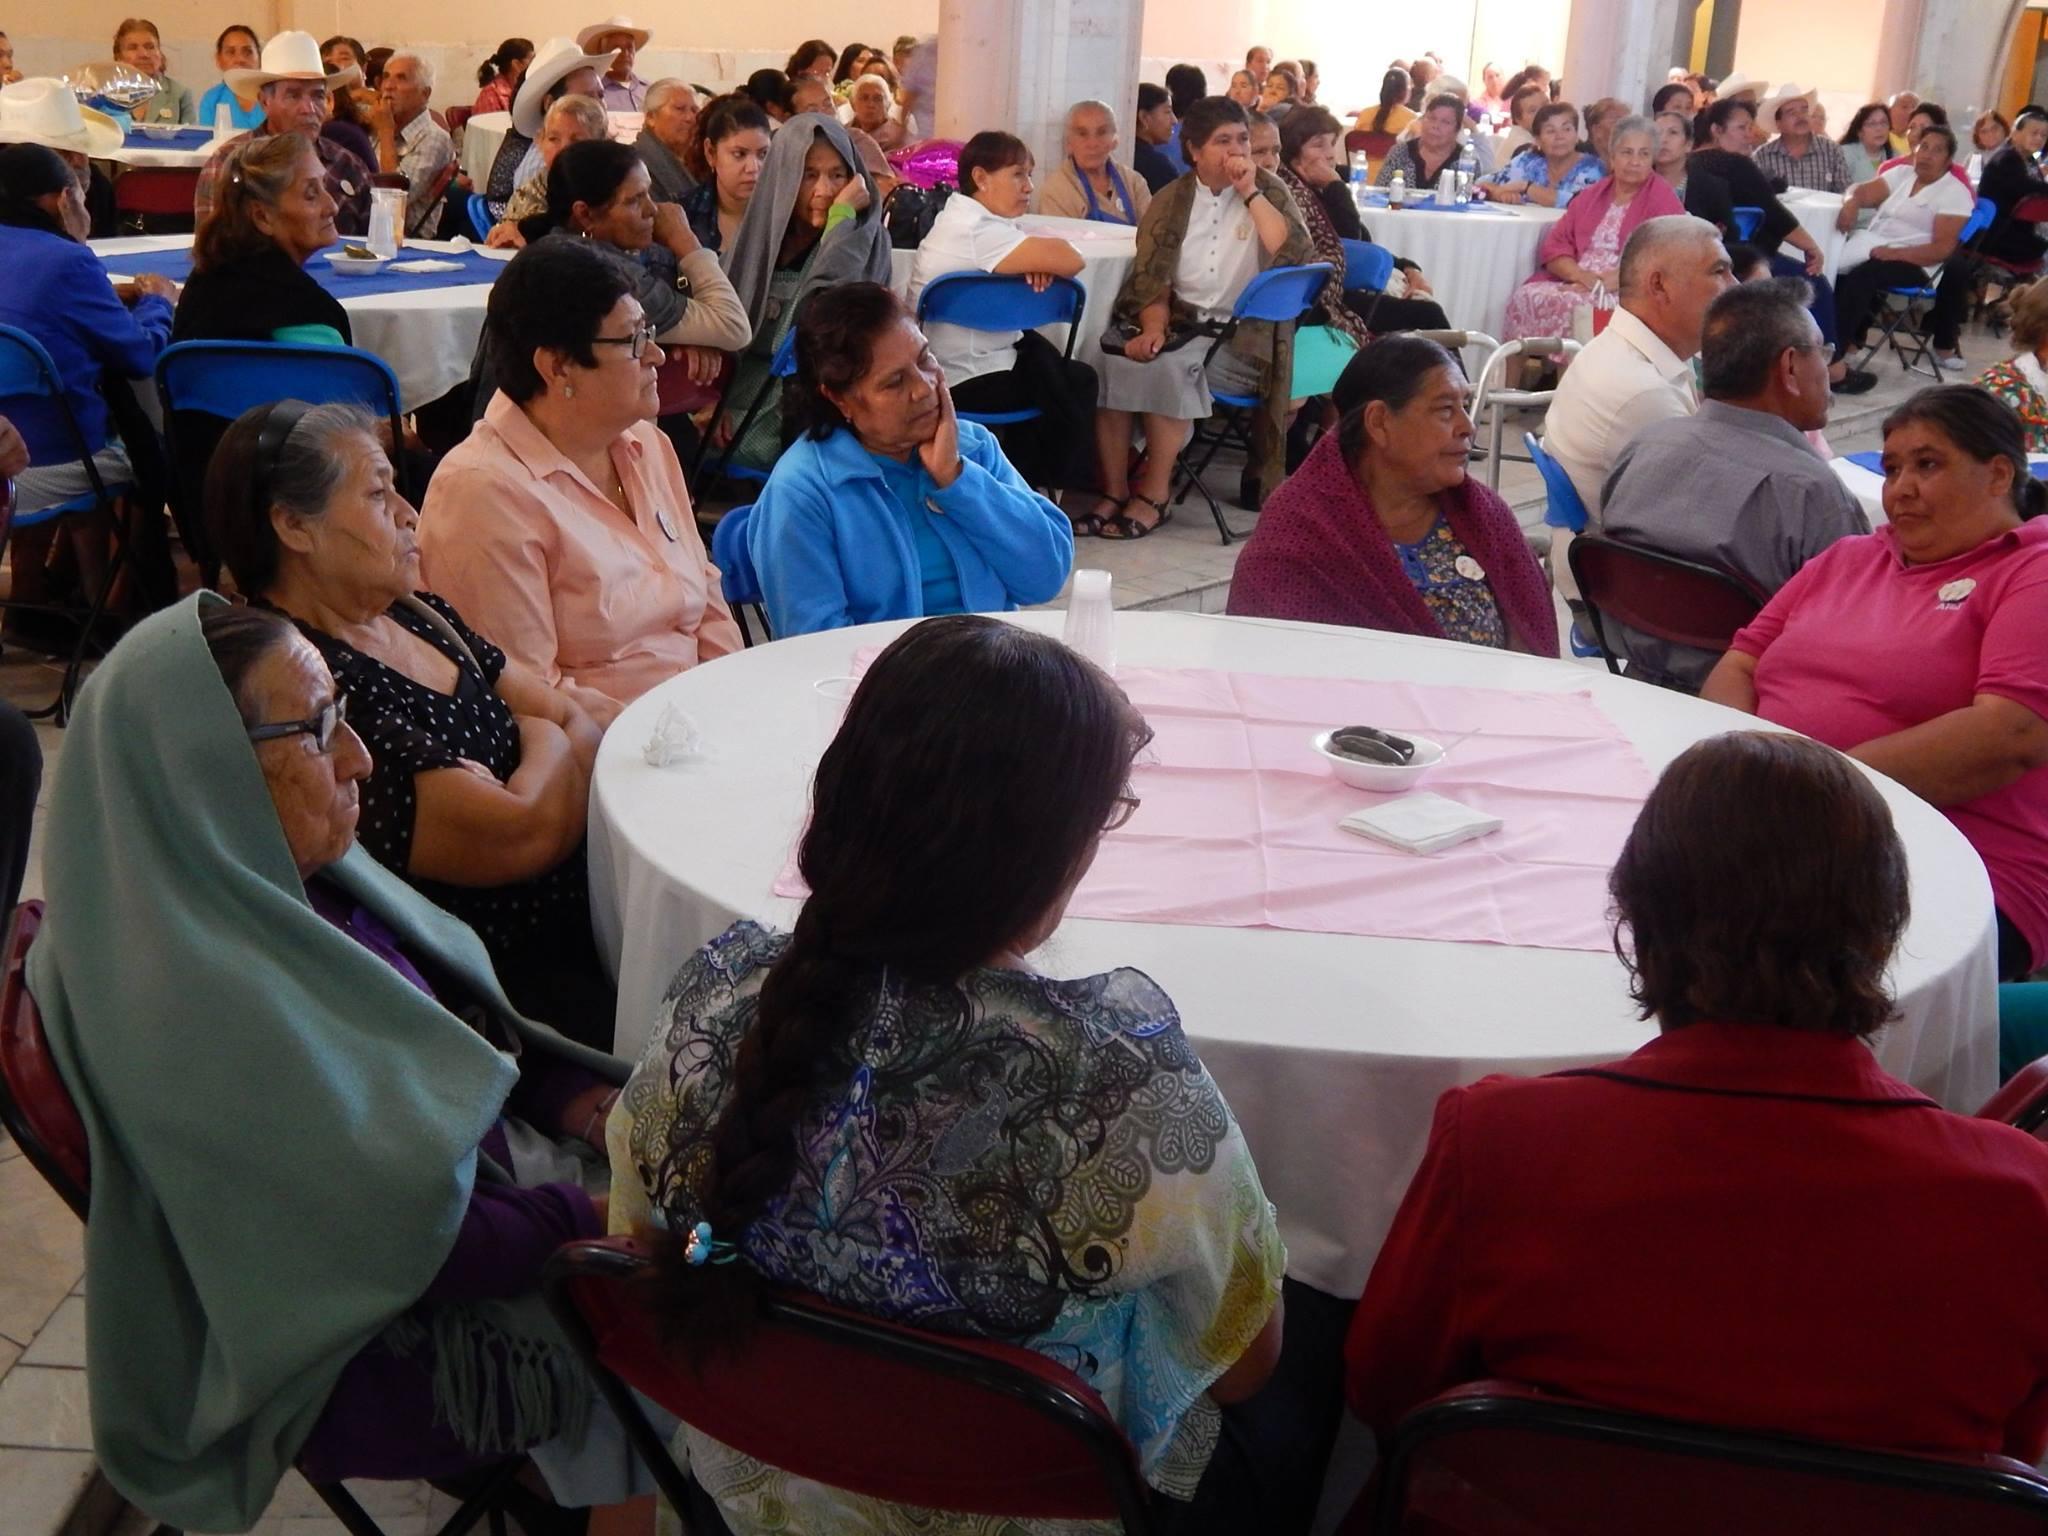 En su mensaje el presidente municipal Ing. Rafael Ramírez Tirado, dijo que siendo una fecha muy especial, no podía pasar desapercibida, fue por ello que el DIF preparó un gran evento con la finalidad de demostrarles lo importante que aun son para las familias los adultos mayores.